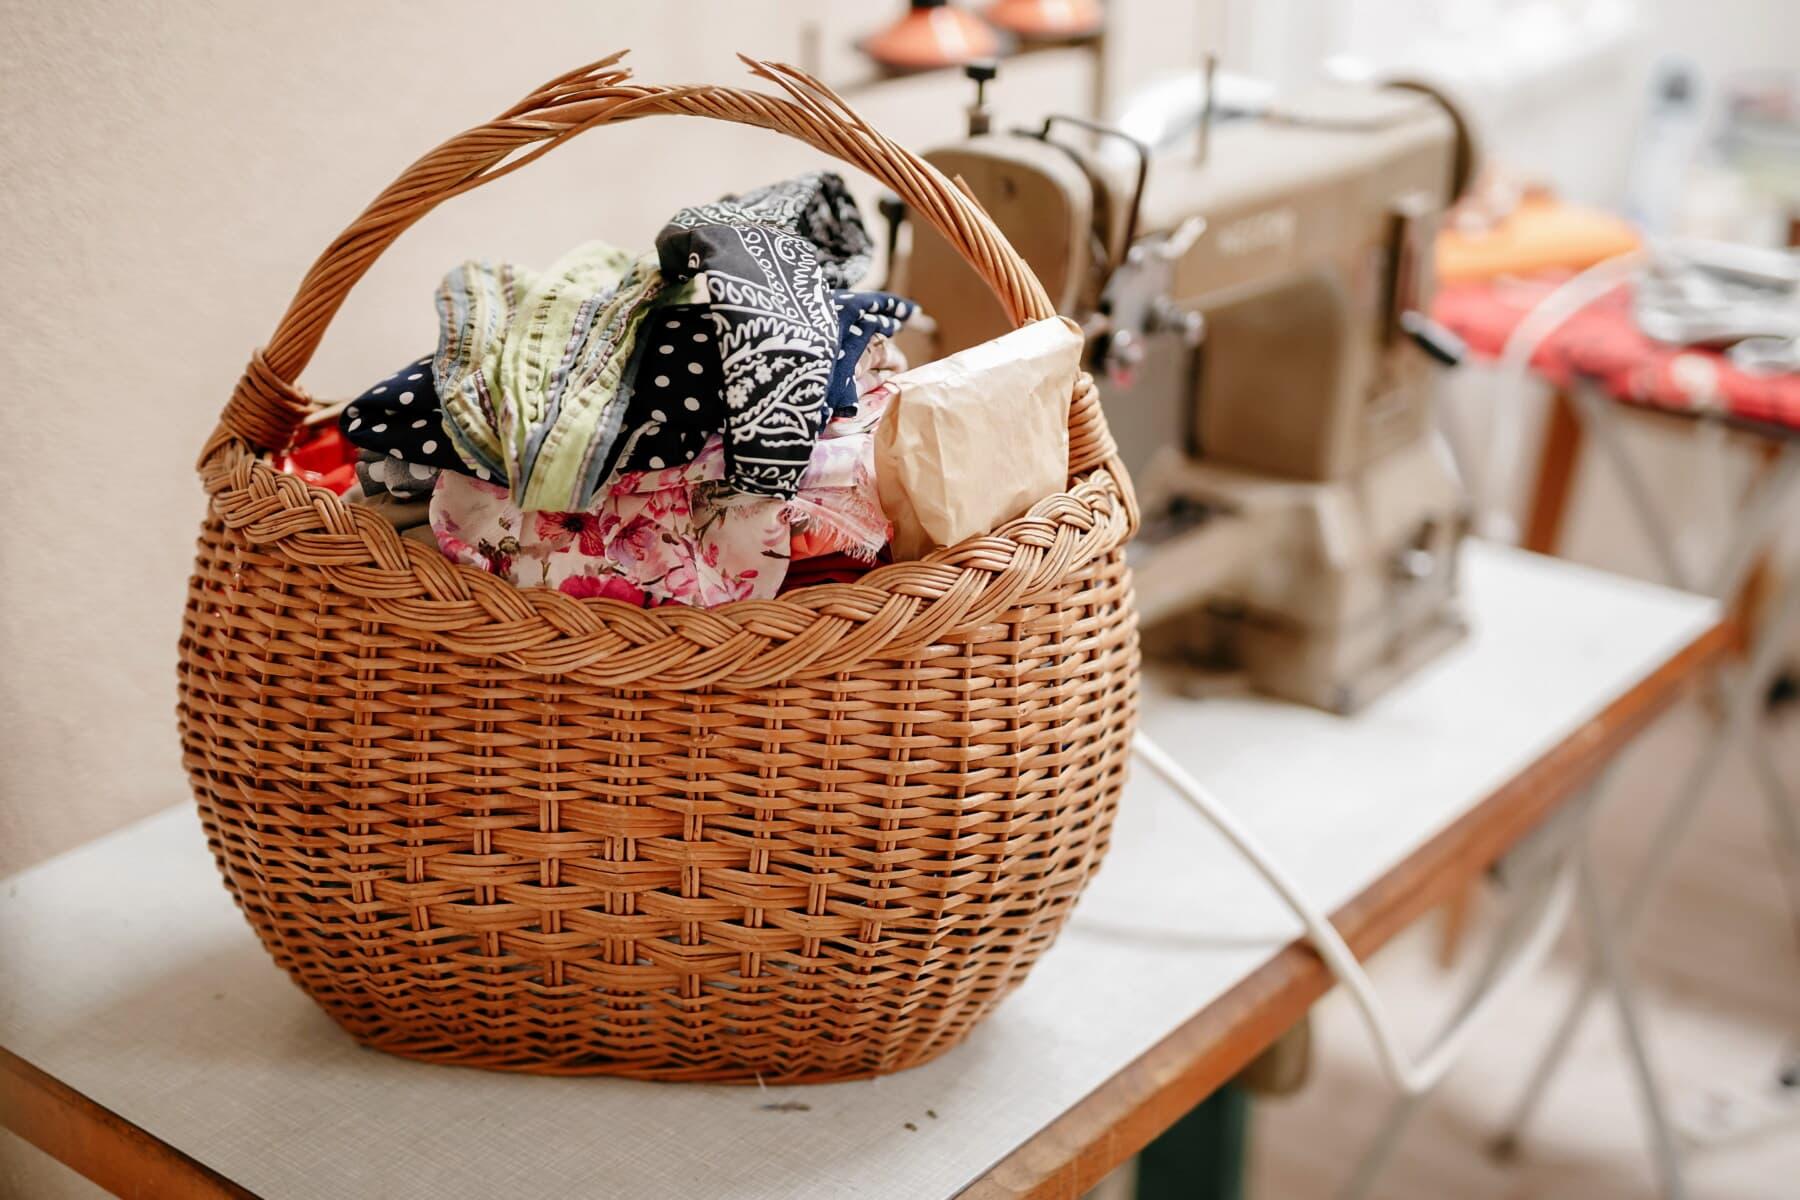 棉, 柳条筐, 衣服, 纺织, 讲习班, 设计, 工作室, 购物篮, 柳条, 手工